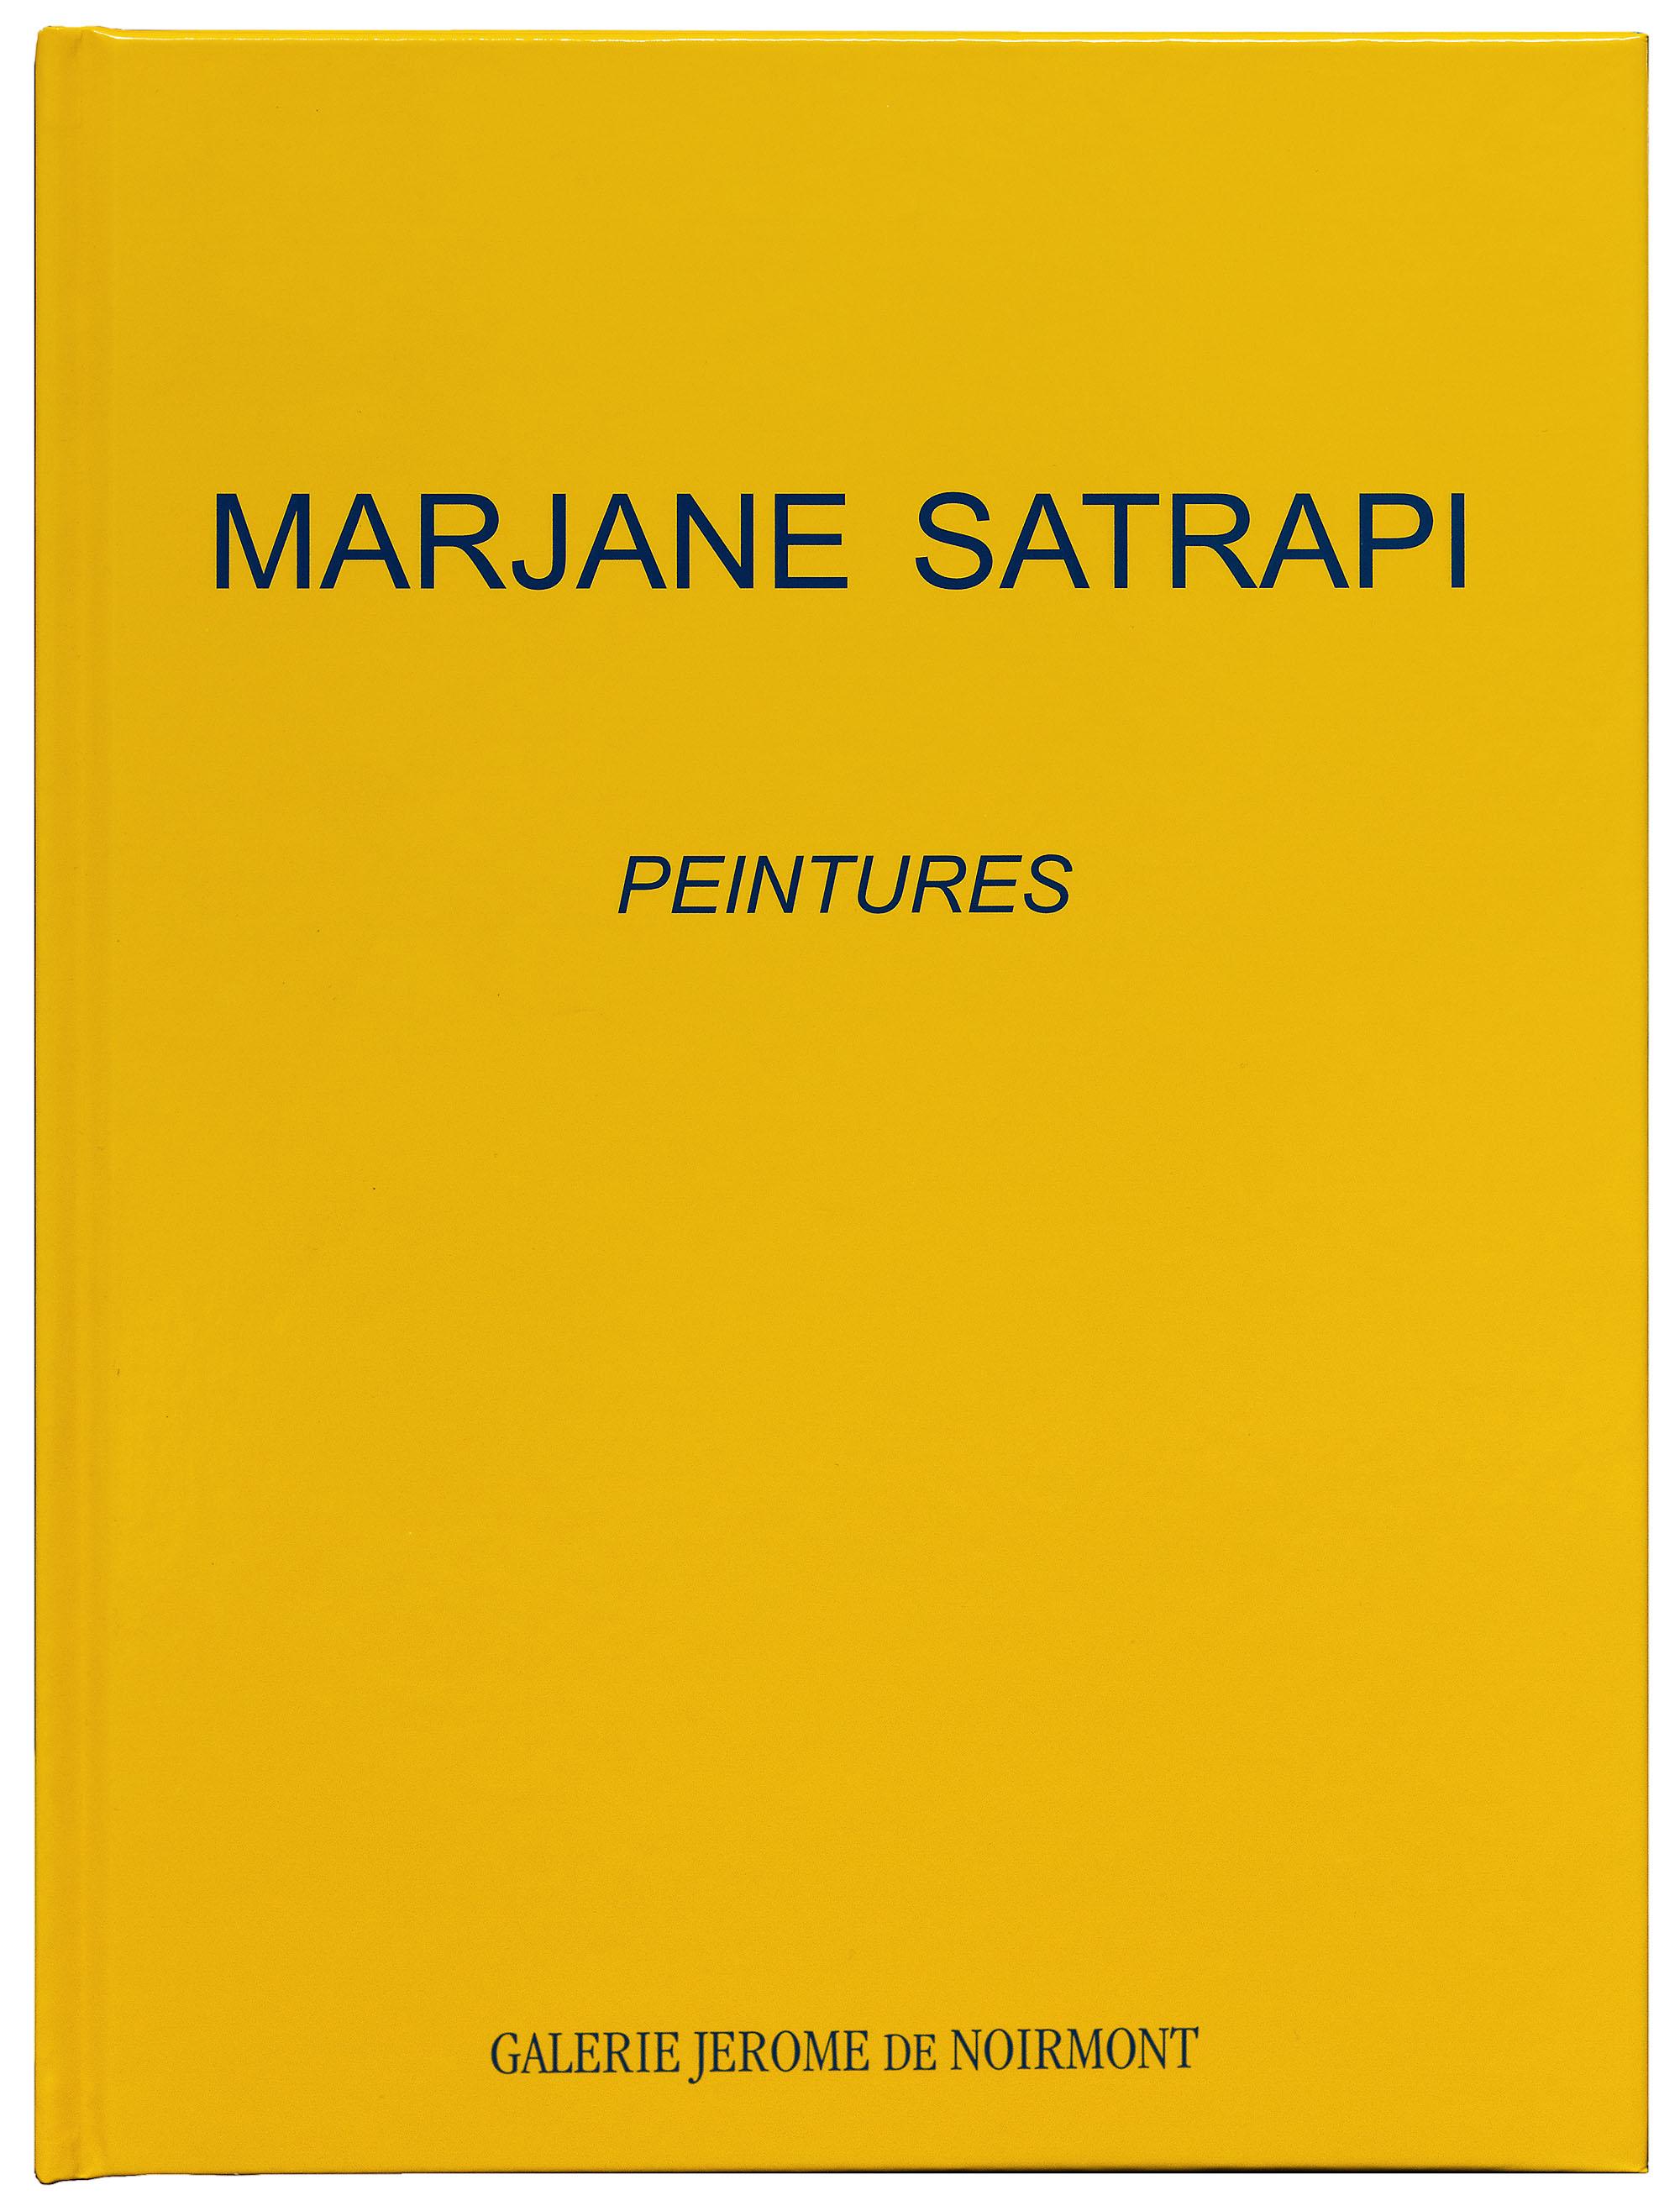 Marjane Satrapi / Ed. J. de Noirmont